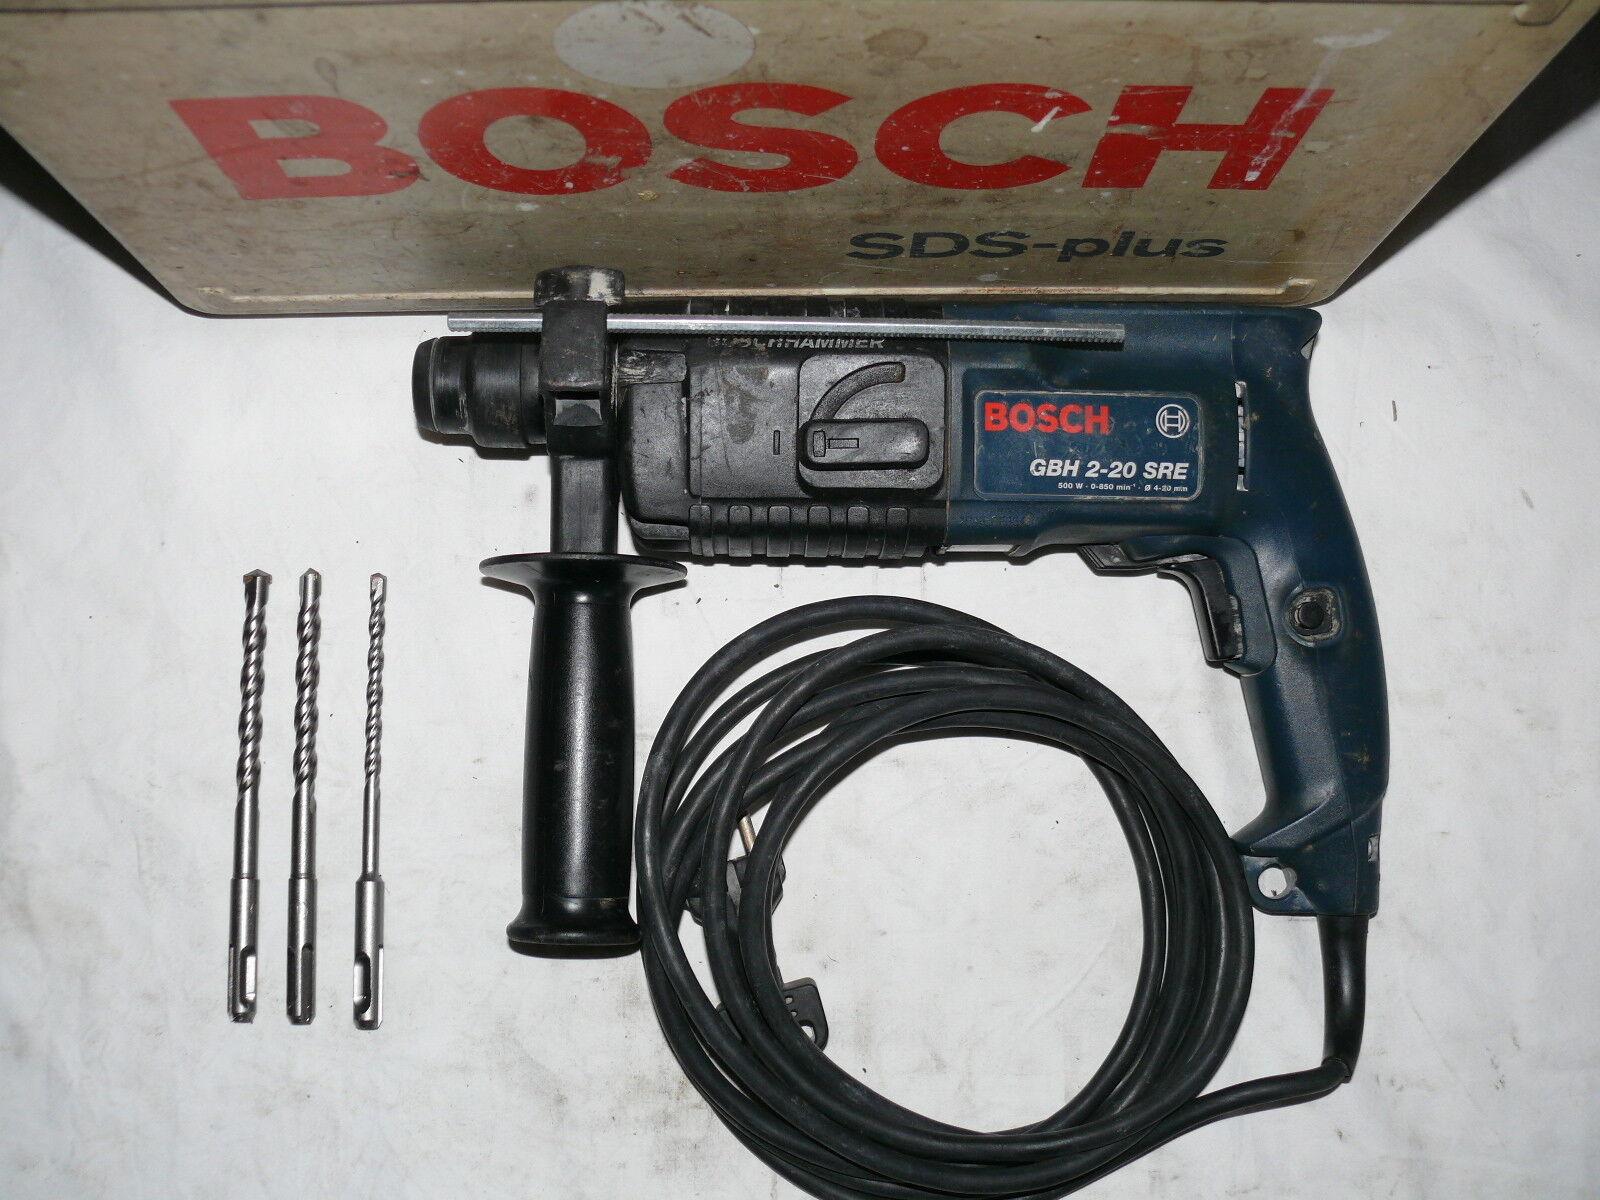 Bosch GBH 2-20 SRE BOHRHAMMER SDS-PLUS ÄHNL. UBH 2-20 RLE 2-22